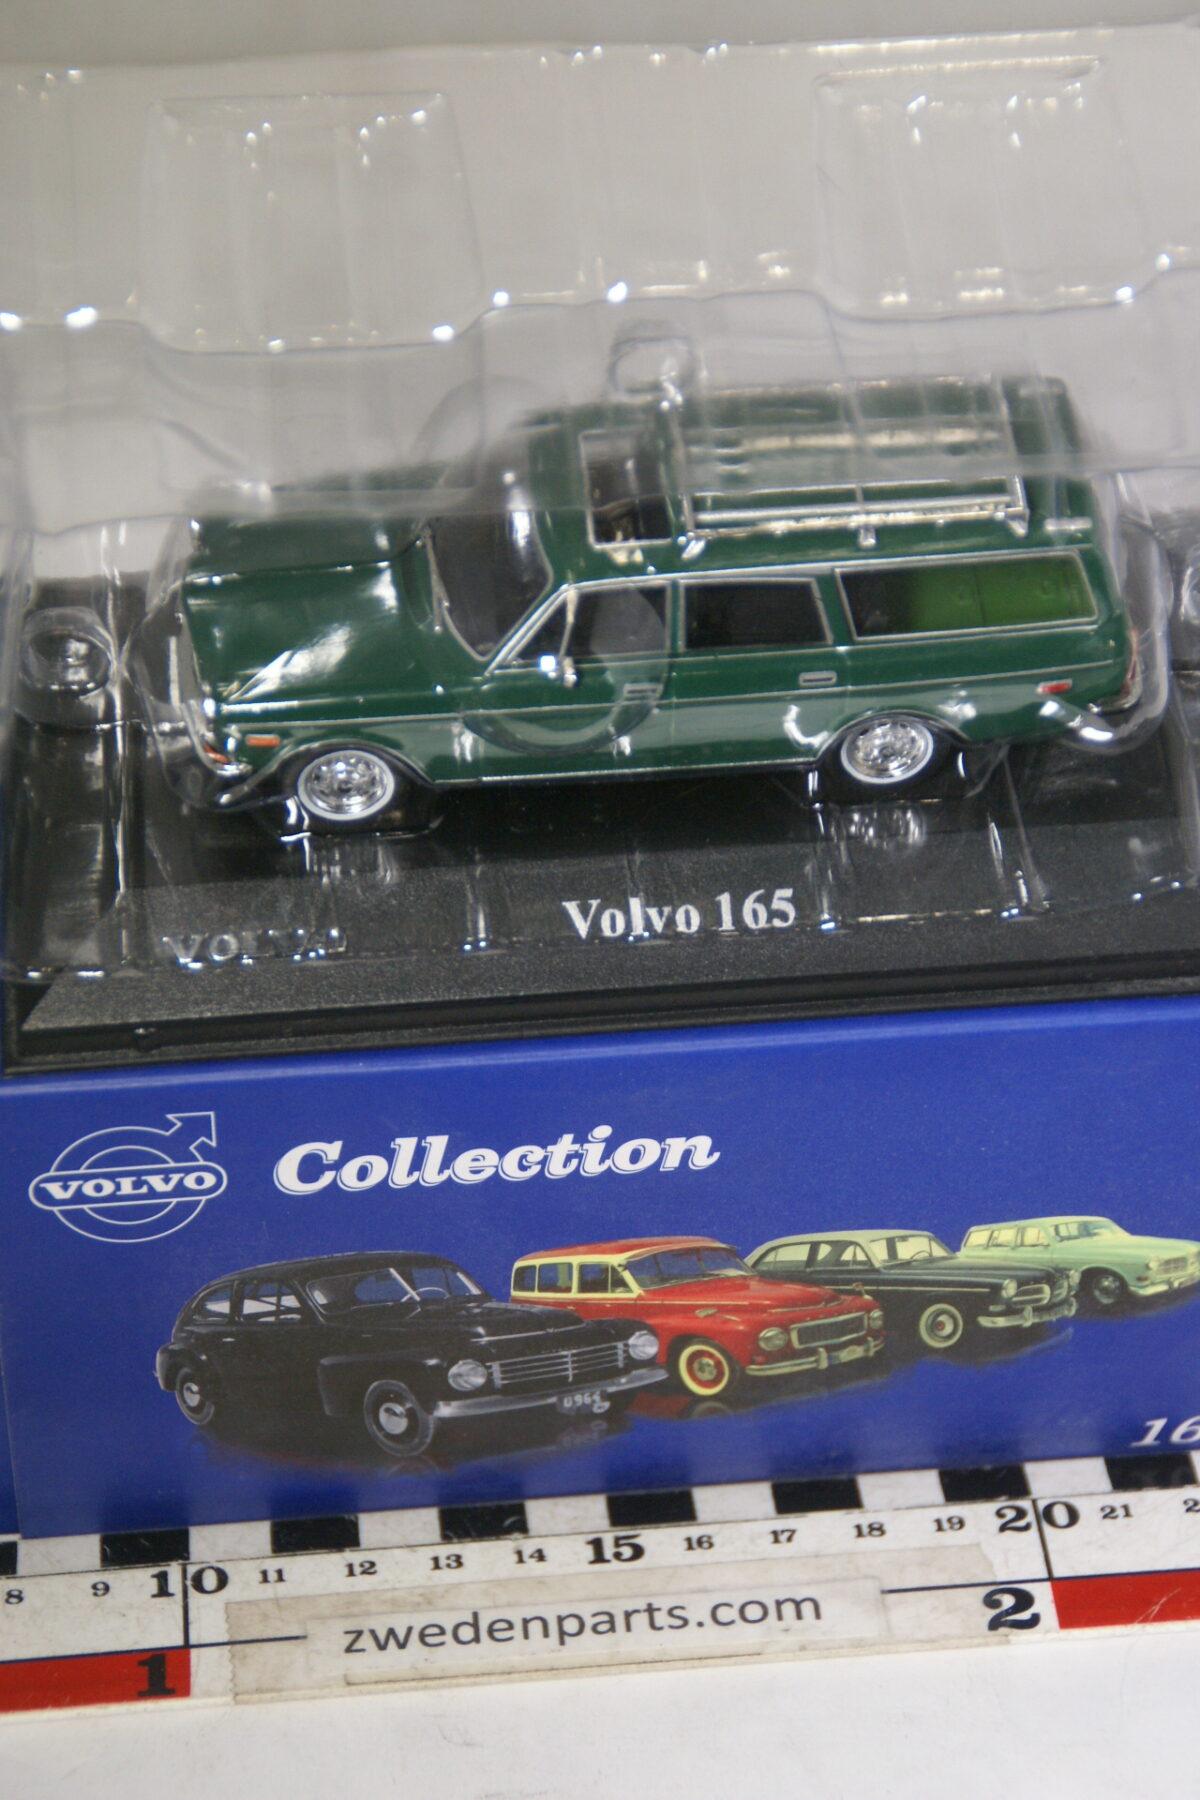 DSC00513 miniatuur Volvo 165 combi groen 1op43 Atlas 75 nieuw in originele verpakking-317f5dcf